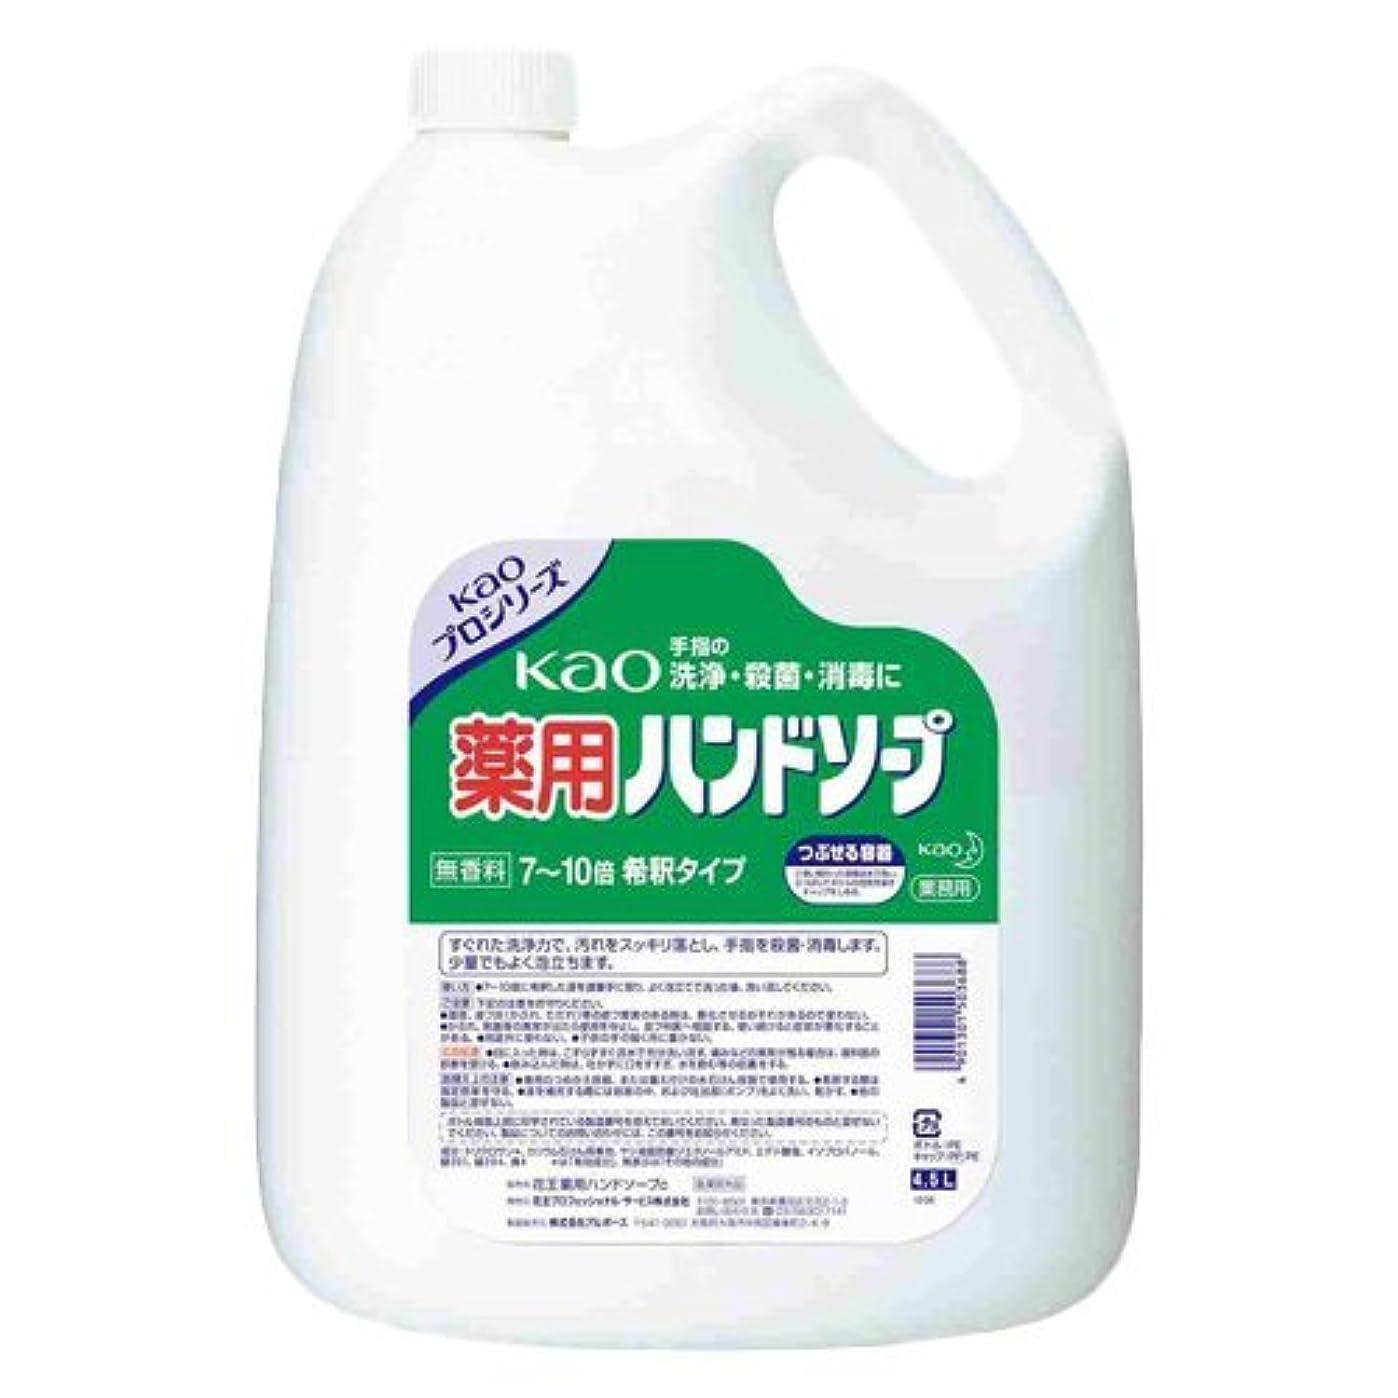 誤アレルギーテラス花王 薬用ハンドソープ 4.5L 梱販売用